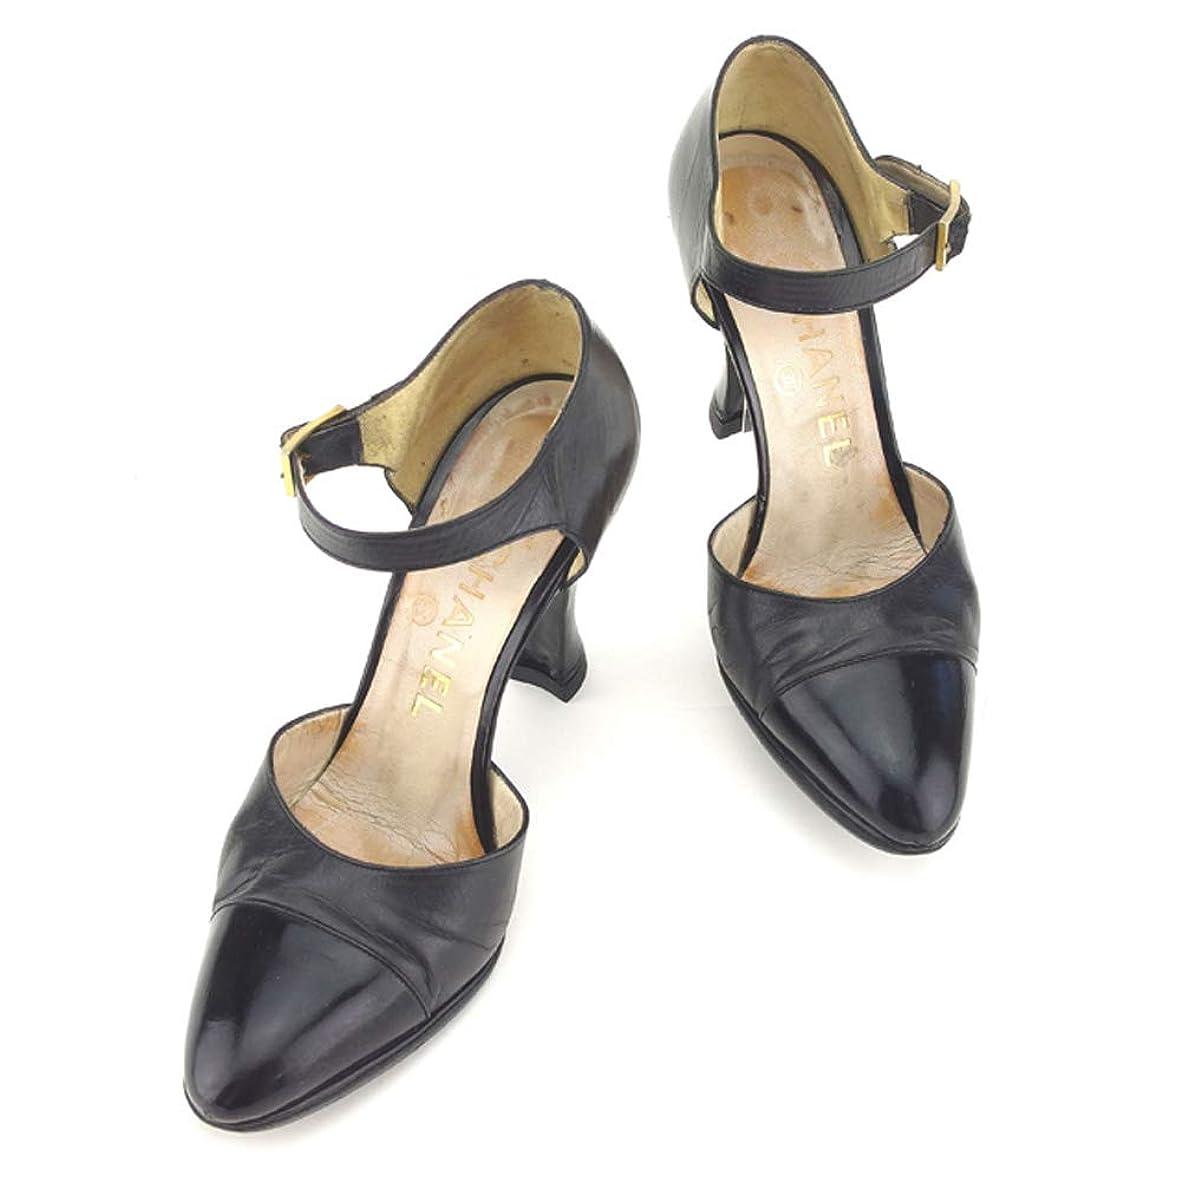 むしゃむしゃ伝染性亜熱帯[シャネル] パンプス シューズ 靴 ブラック #35 レディース 中古 T8145